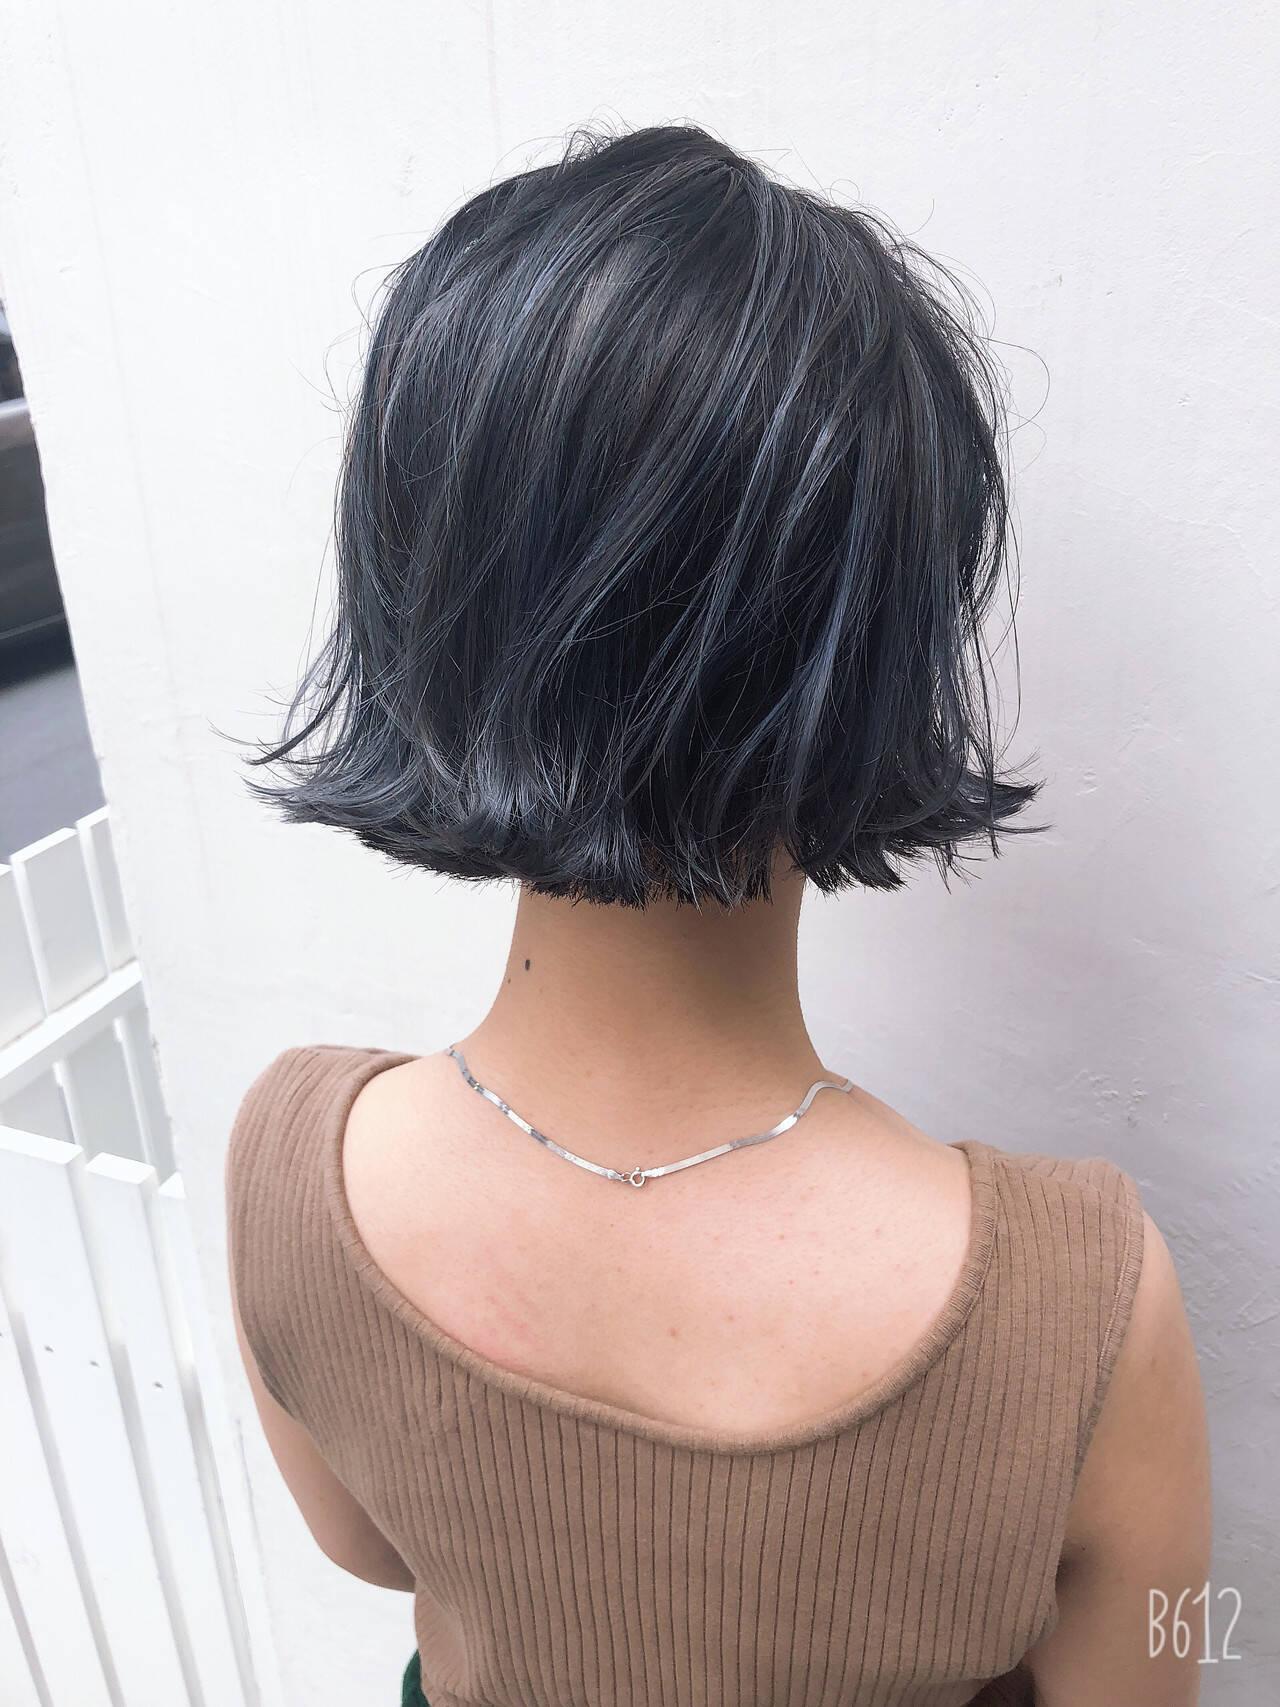 ナチュラル ハイライト グレージュ ボブヘアスタイルや髪型の写真・画像